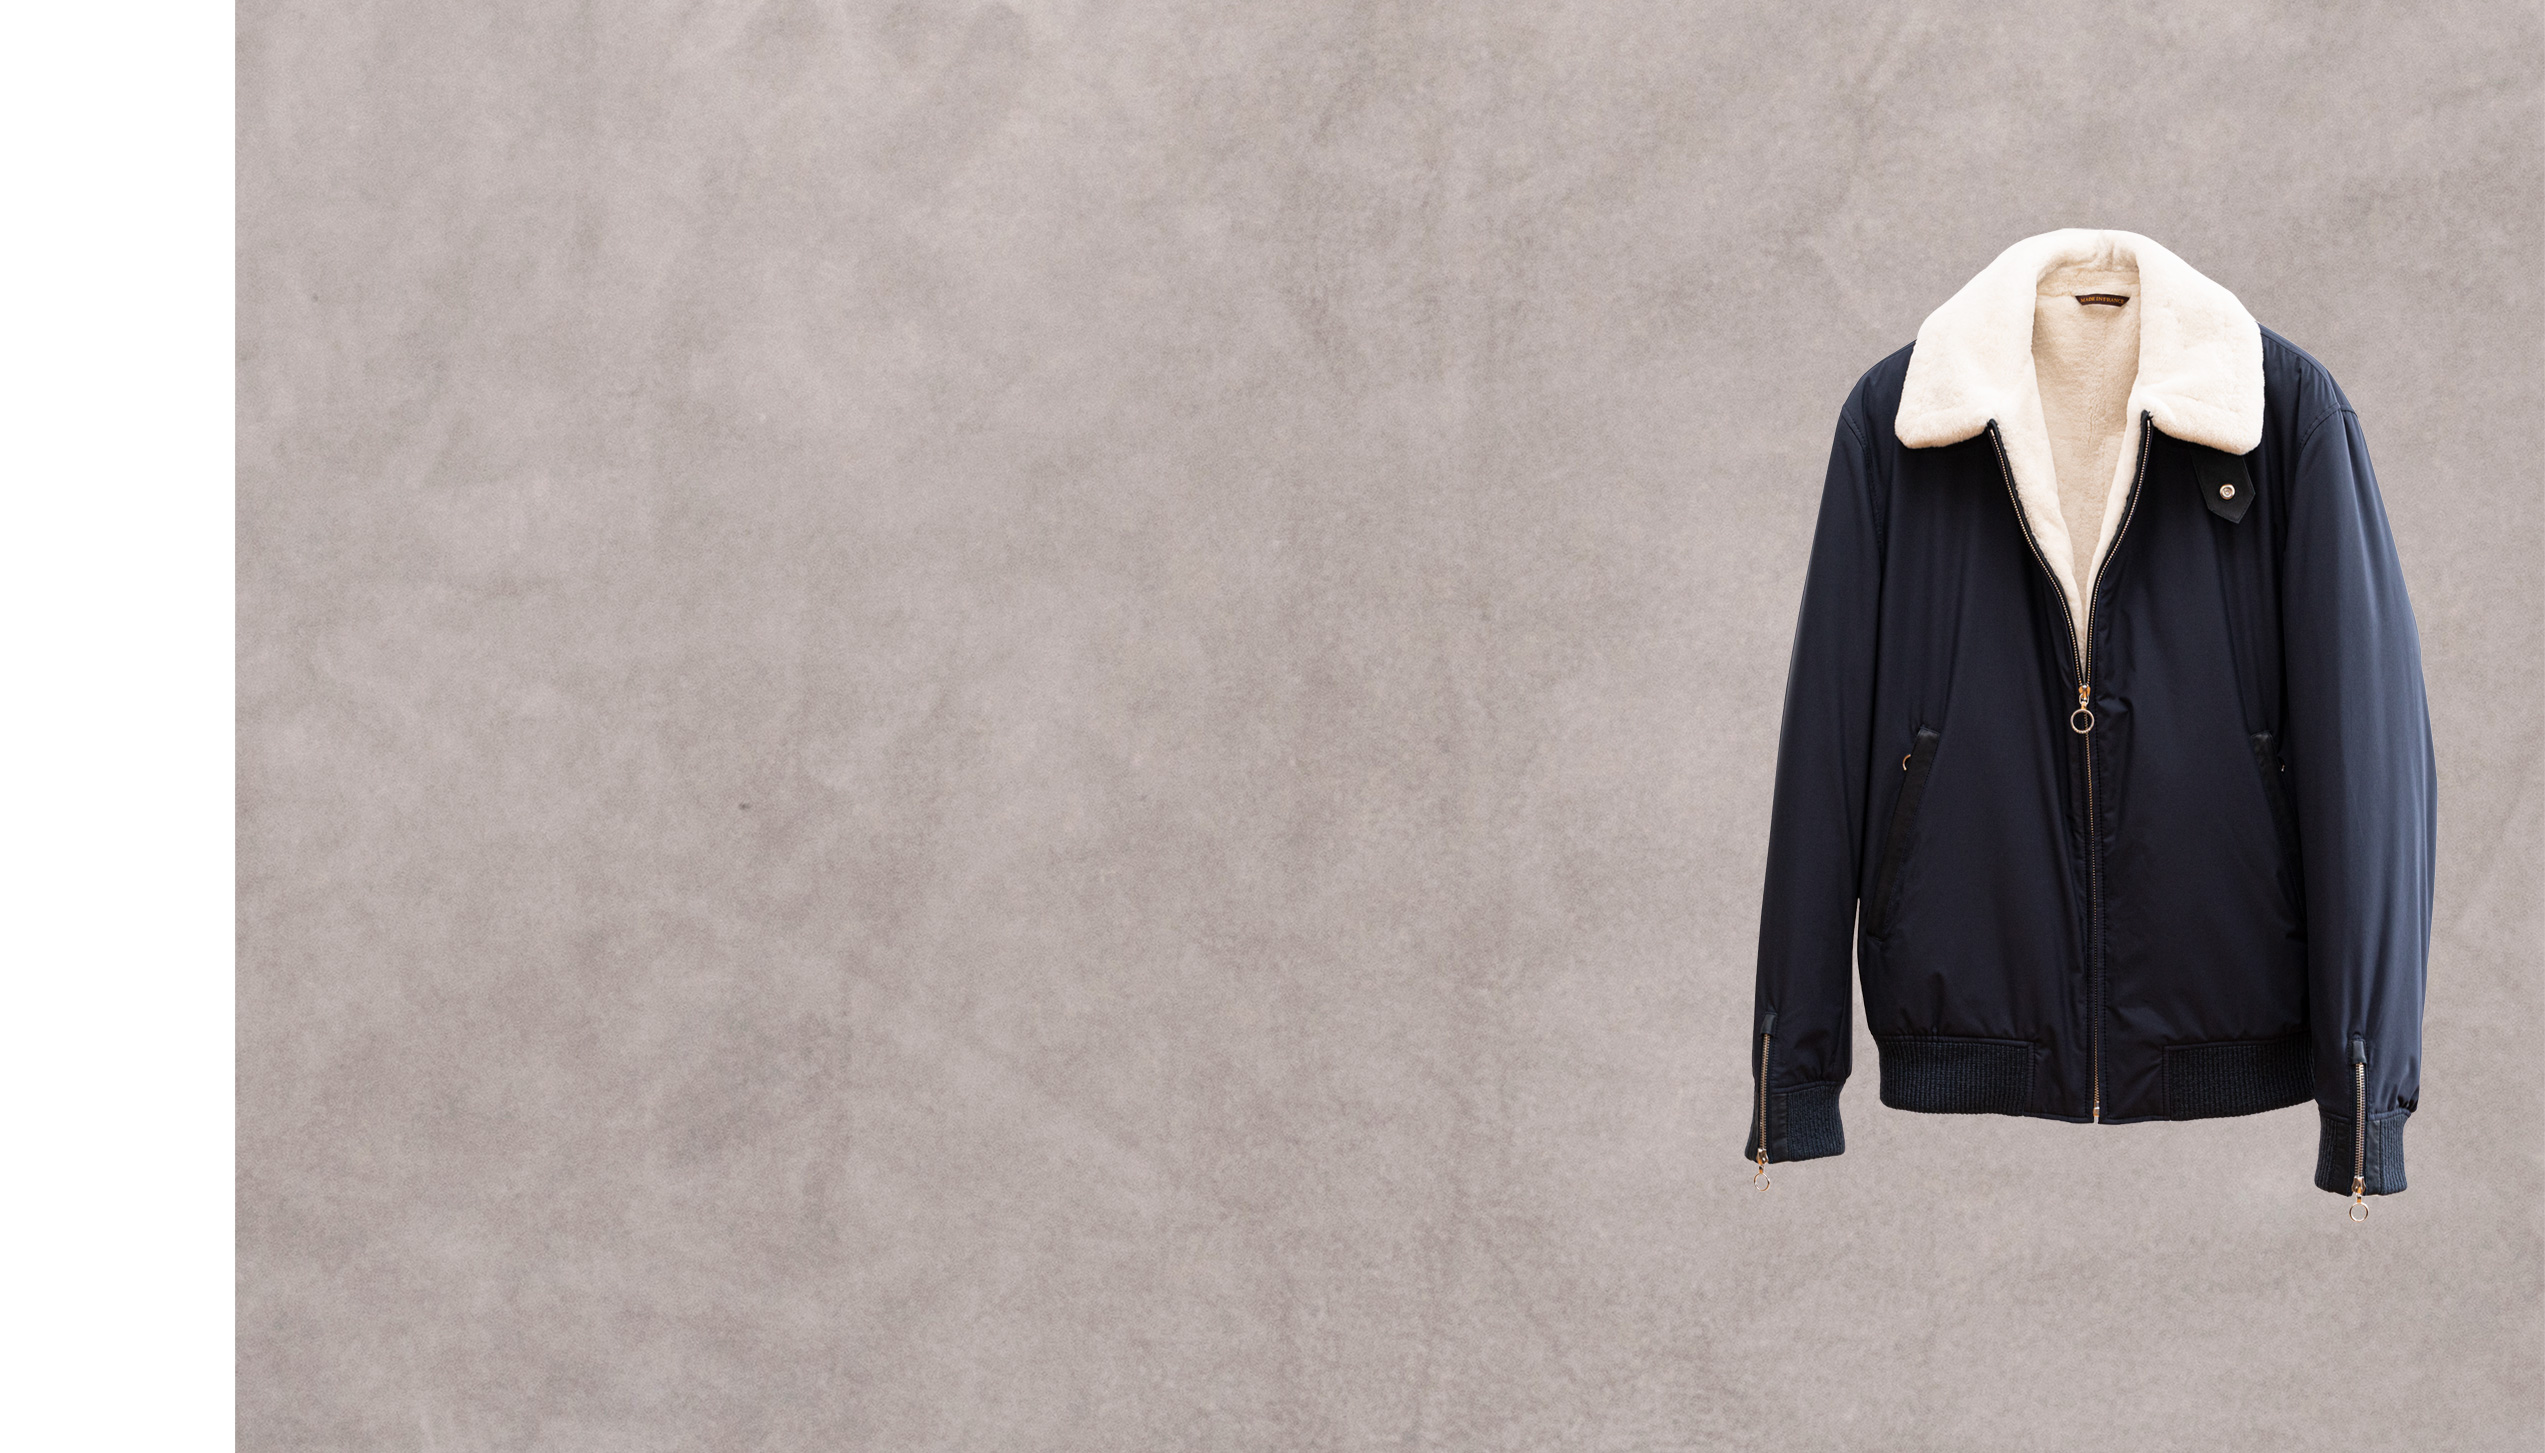 DBP – Navy kimono nylon lined with white nutria fur